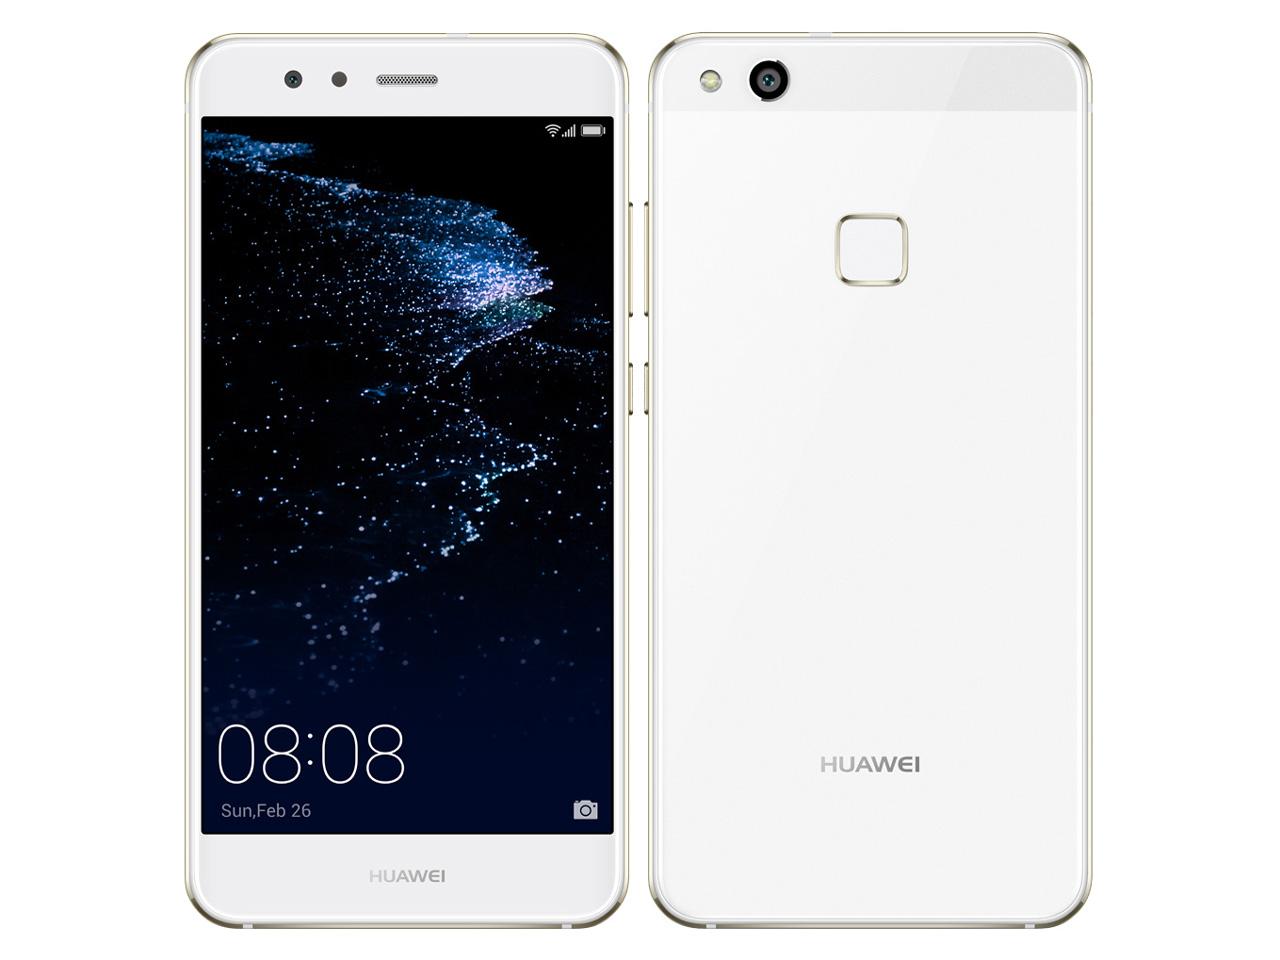 【最大3000円クーポン配布中!ポイントも最大28倍!】中古スマートフォンHuawei P10 lite SIMフリー ホワイト WAS-LX2J/W 【中古】 Huawei P10 lite 中古スマートフォンクアッドコア Android7.0 Huaw